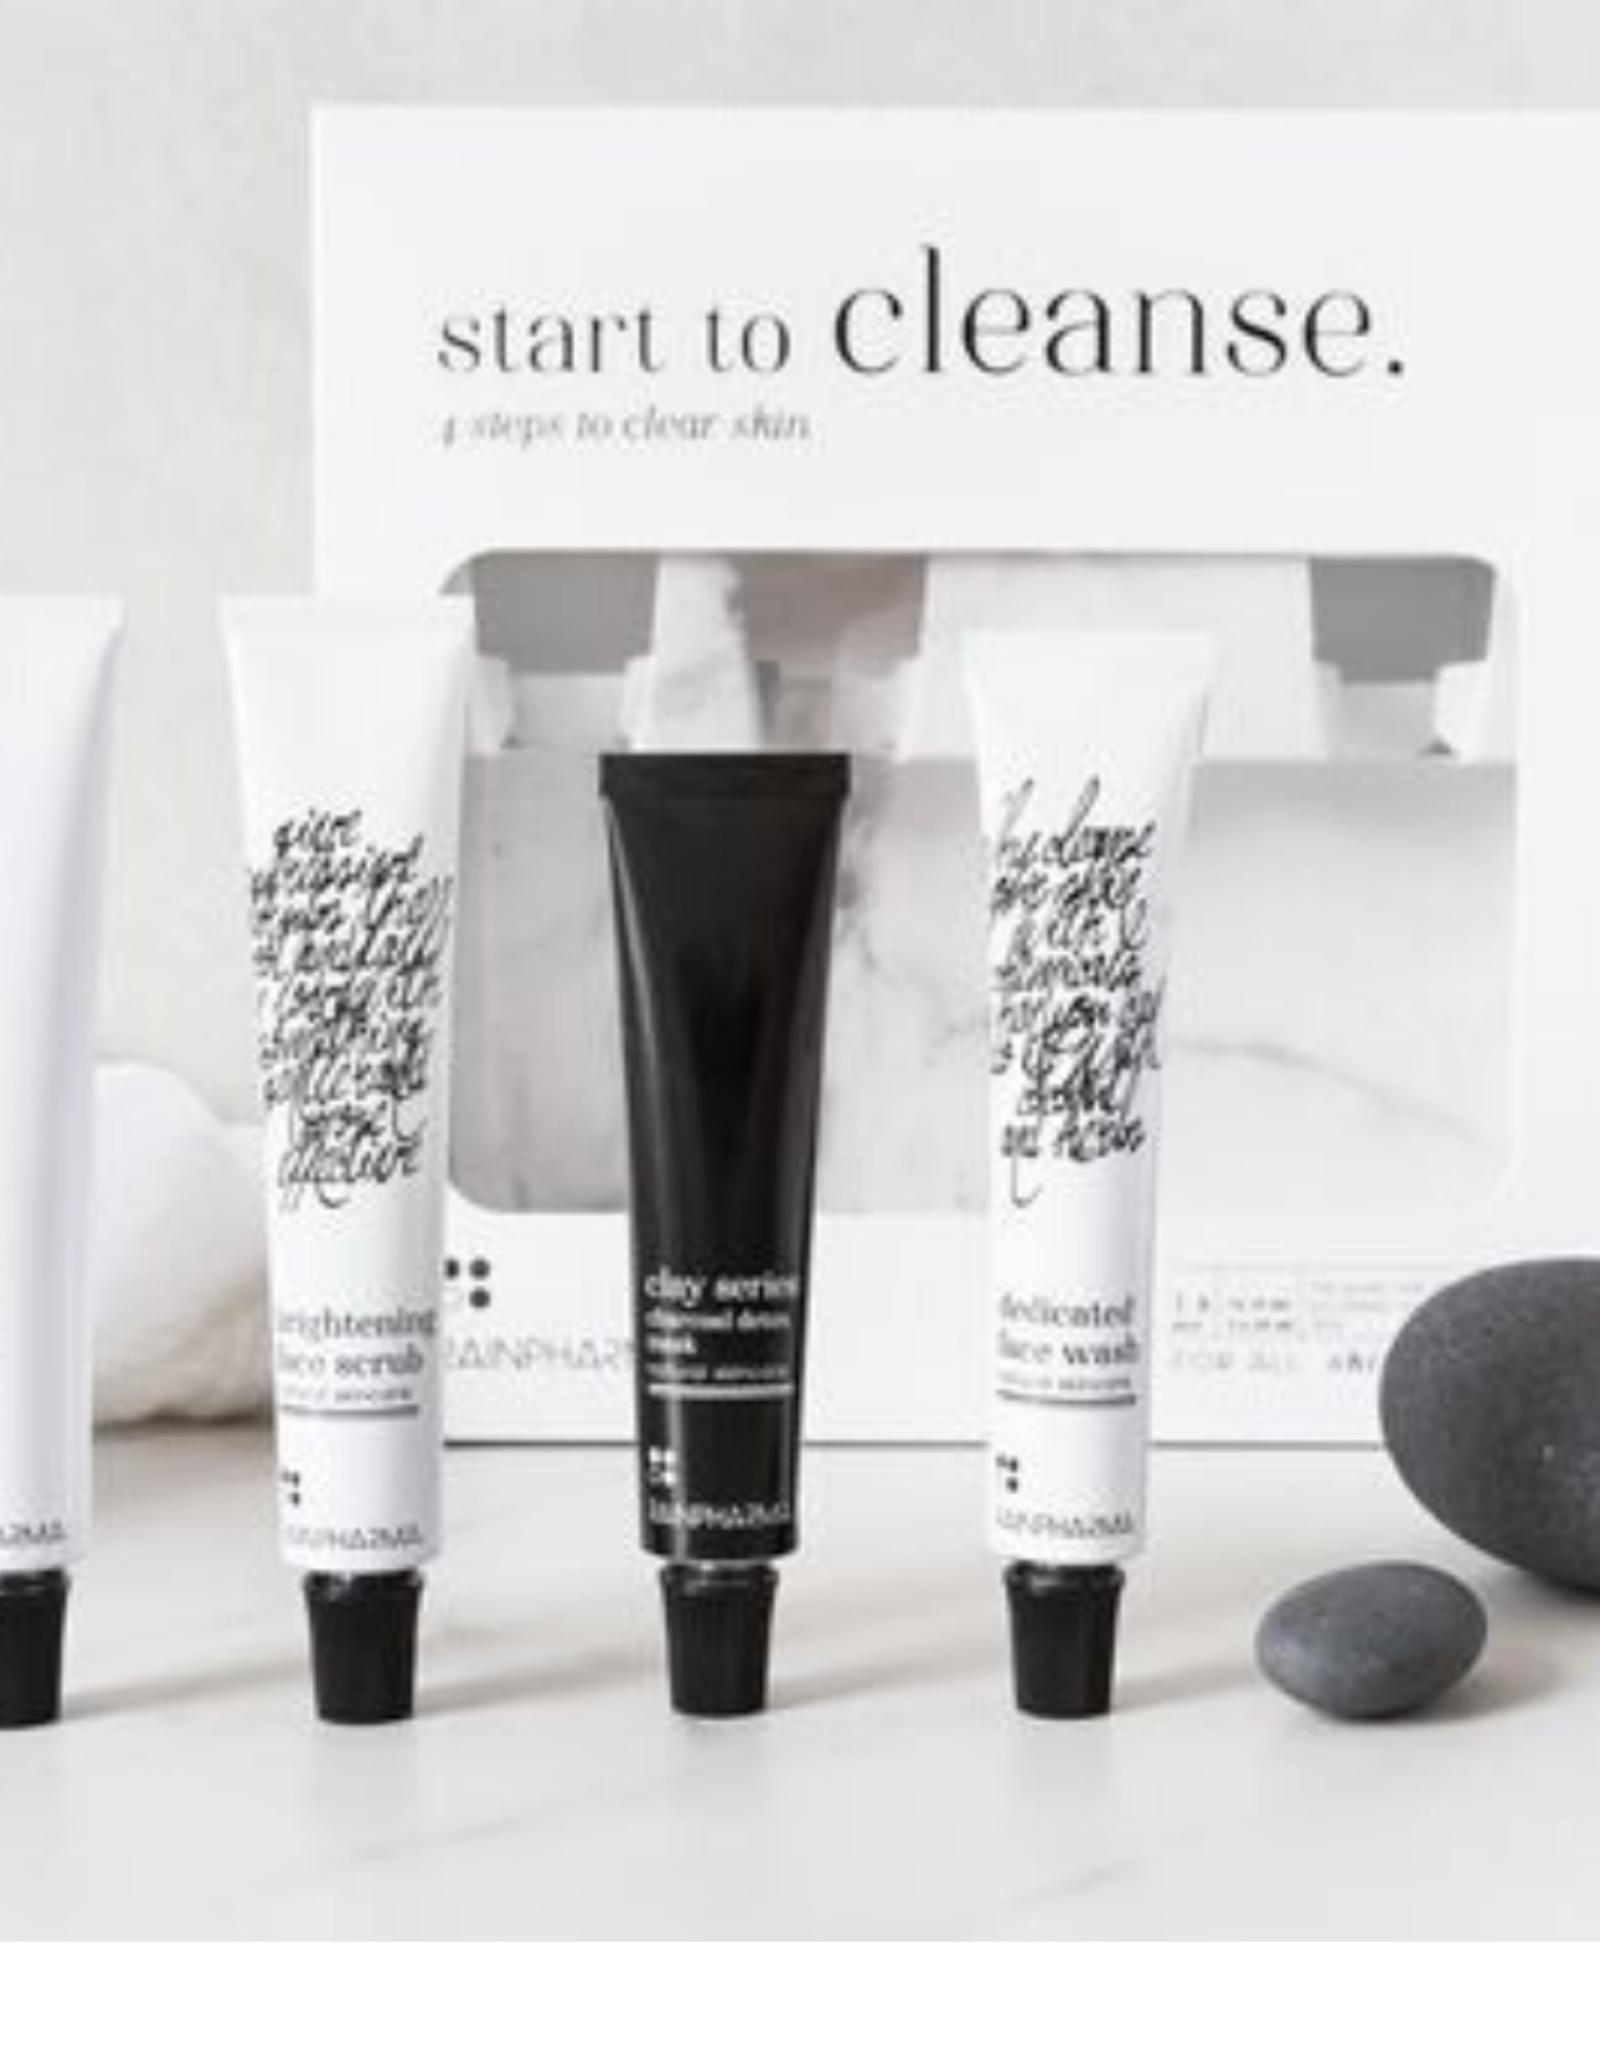 RainPharma Skin Kit Start to Cleanse - Rainpharma